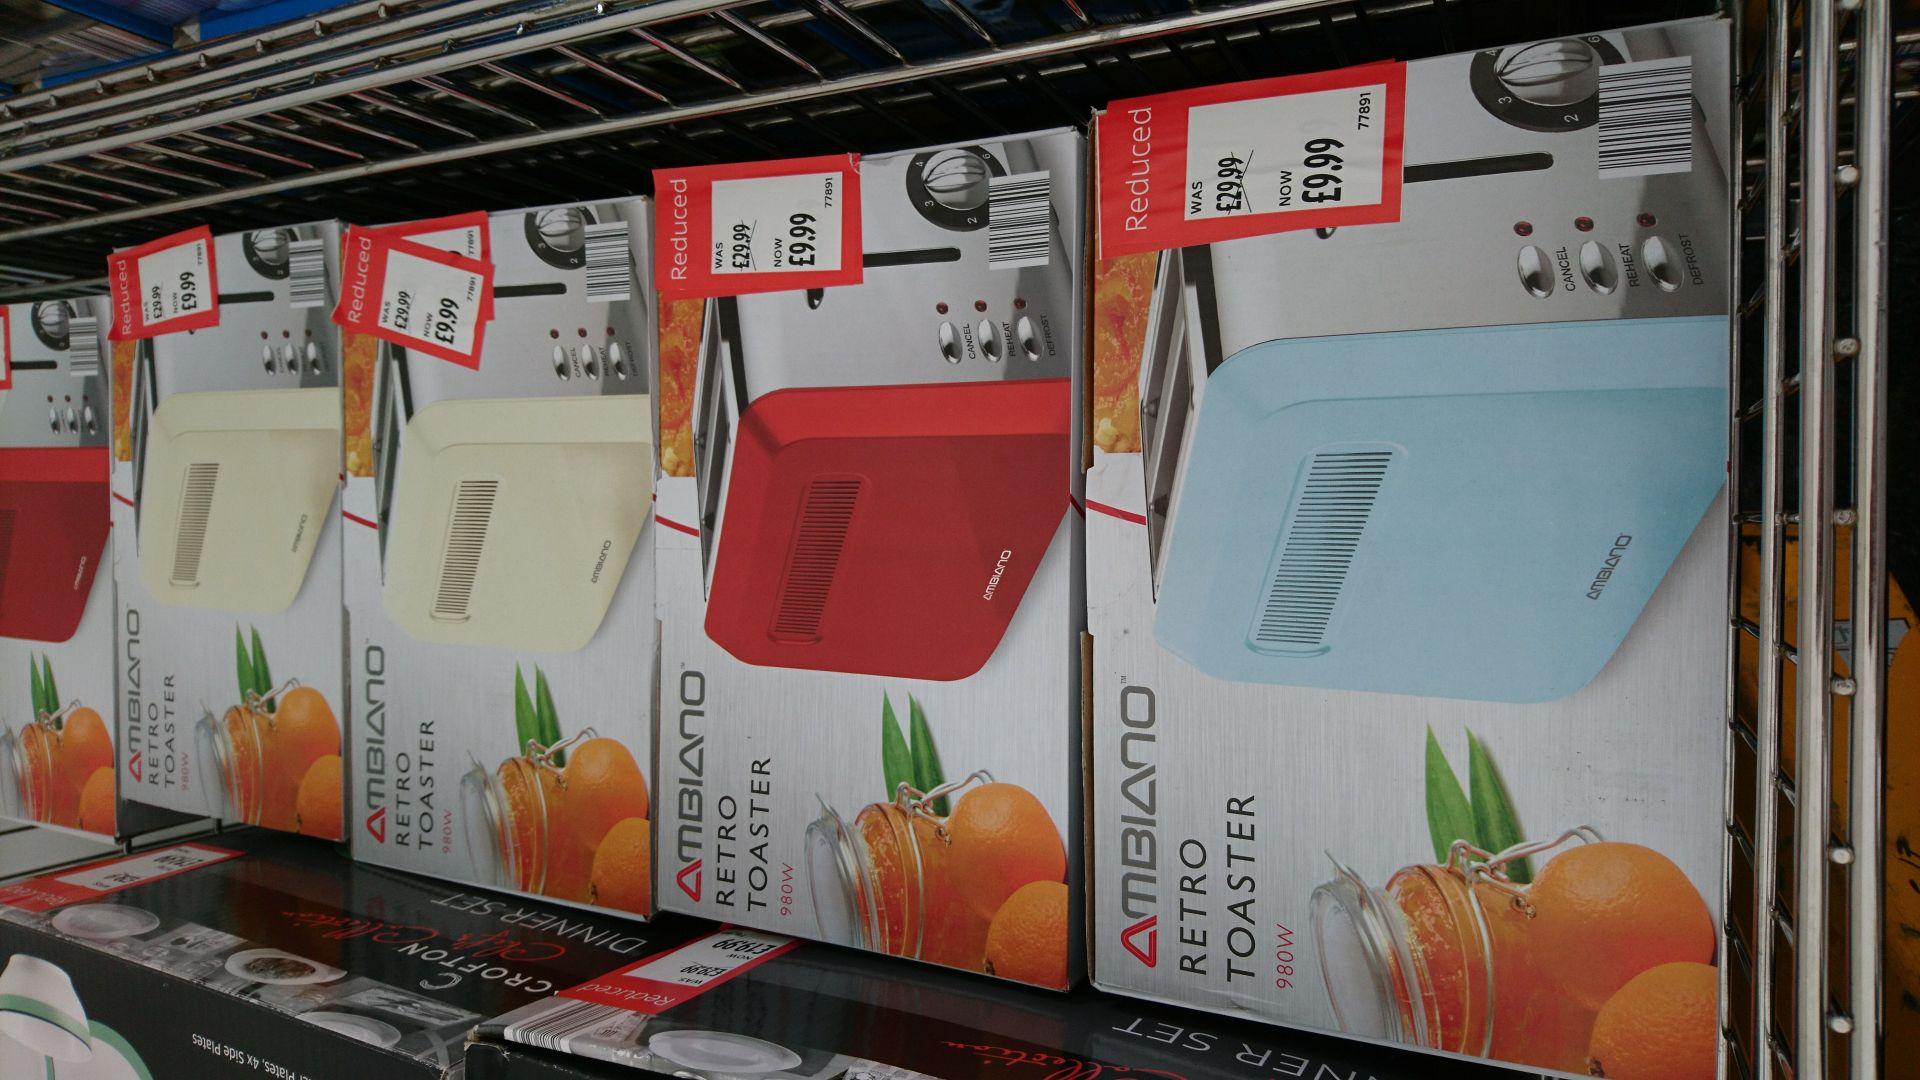 Ambiano retro toaster 3yr warranty £9.99 @ aldi instore - Dunston & Metro center